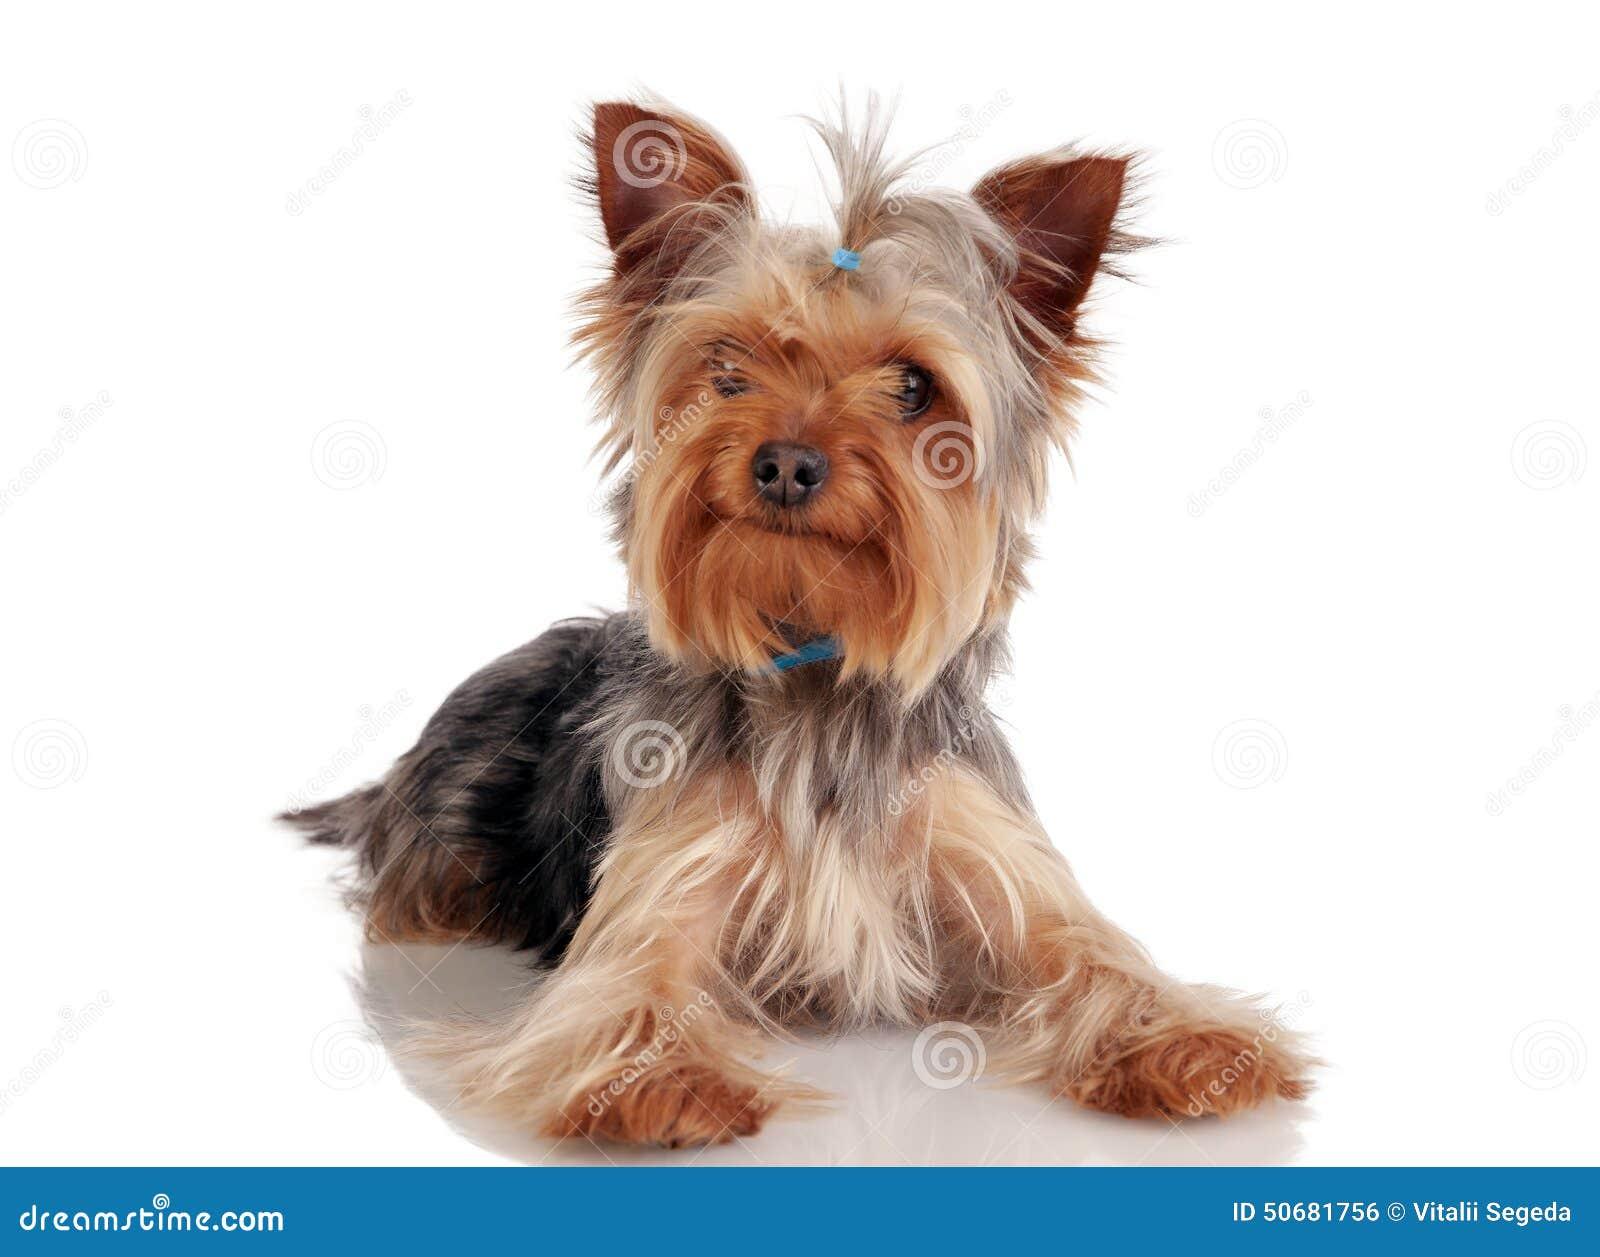 Download 约克夏狗 库存照片. 图片 包括有 查出, 国内, 室内, 背包, 敌意, 少许, 幸福, 纵向, 宠物 - 50681756